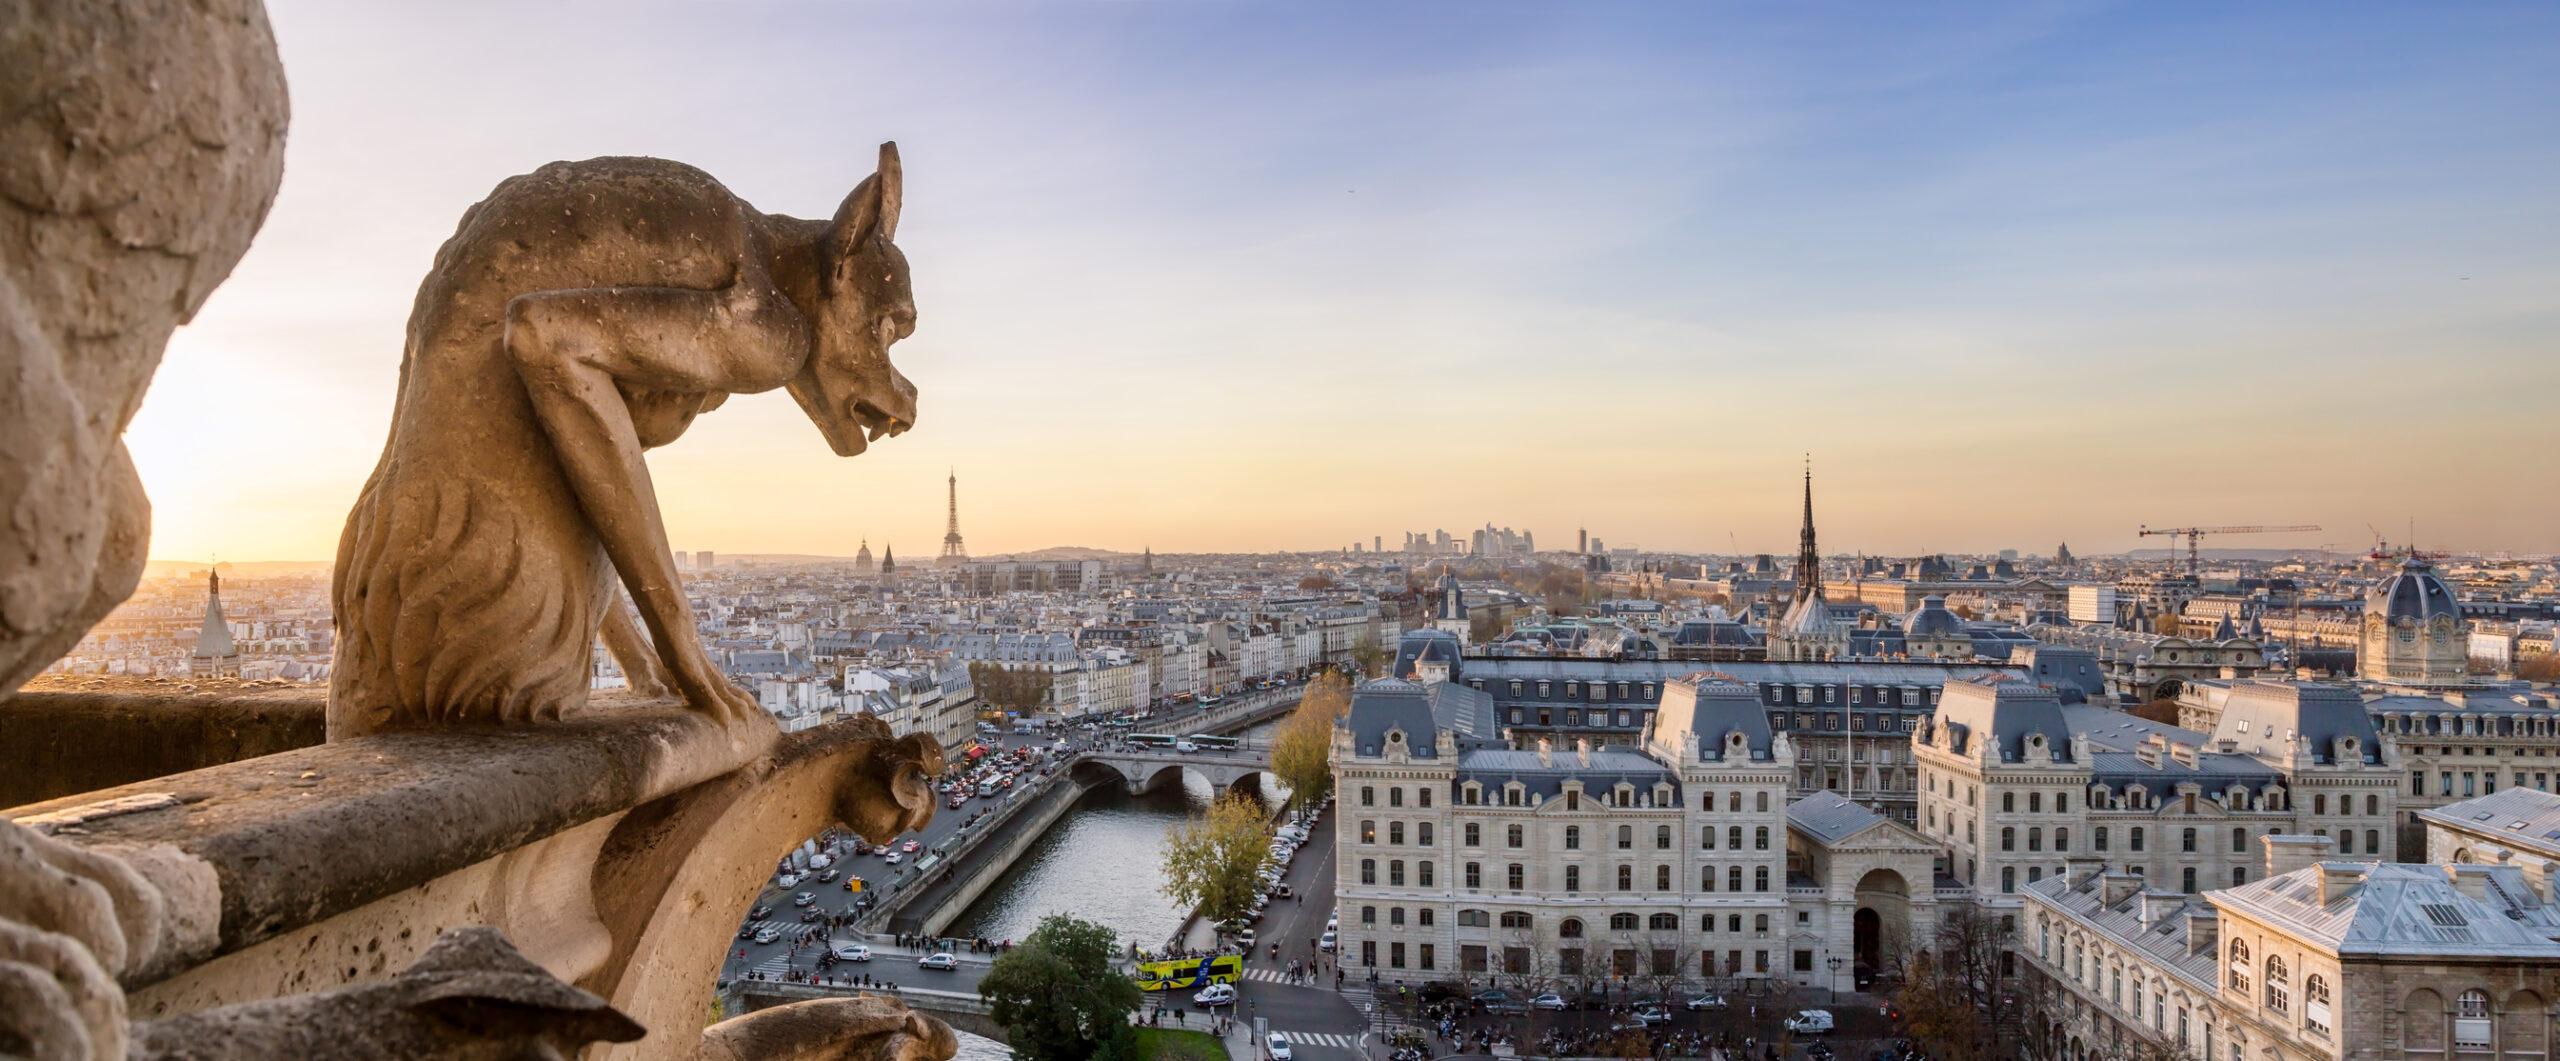 Путешествие во Францию в 2021 году: что нужно знать украинским туристам.Вокруг Света. Украина